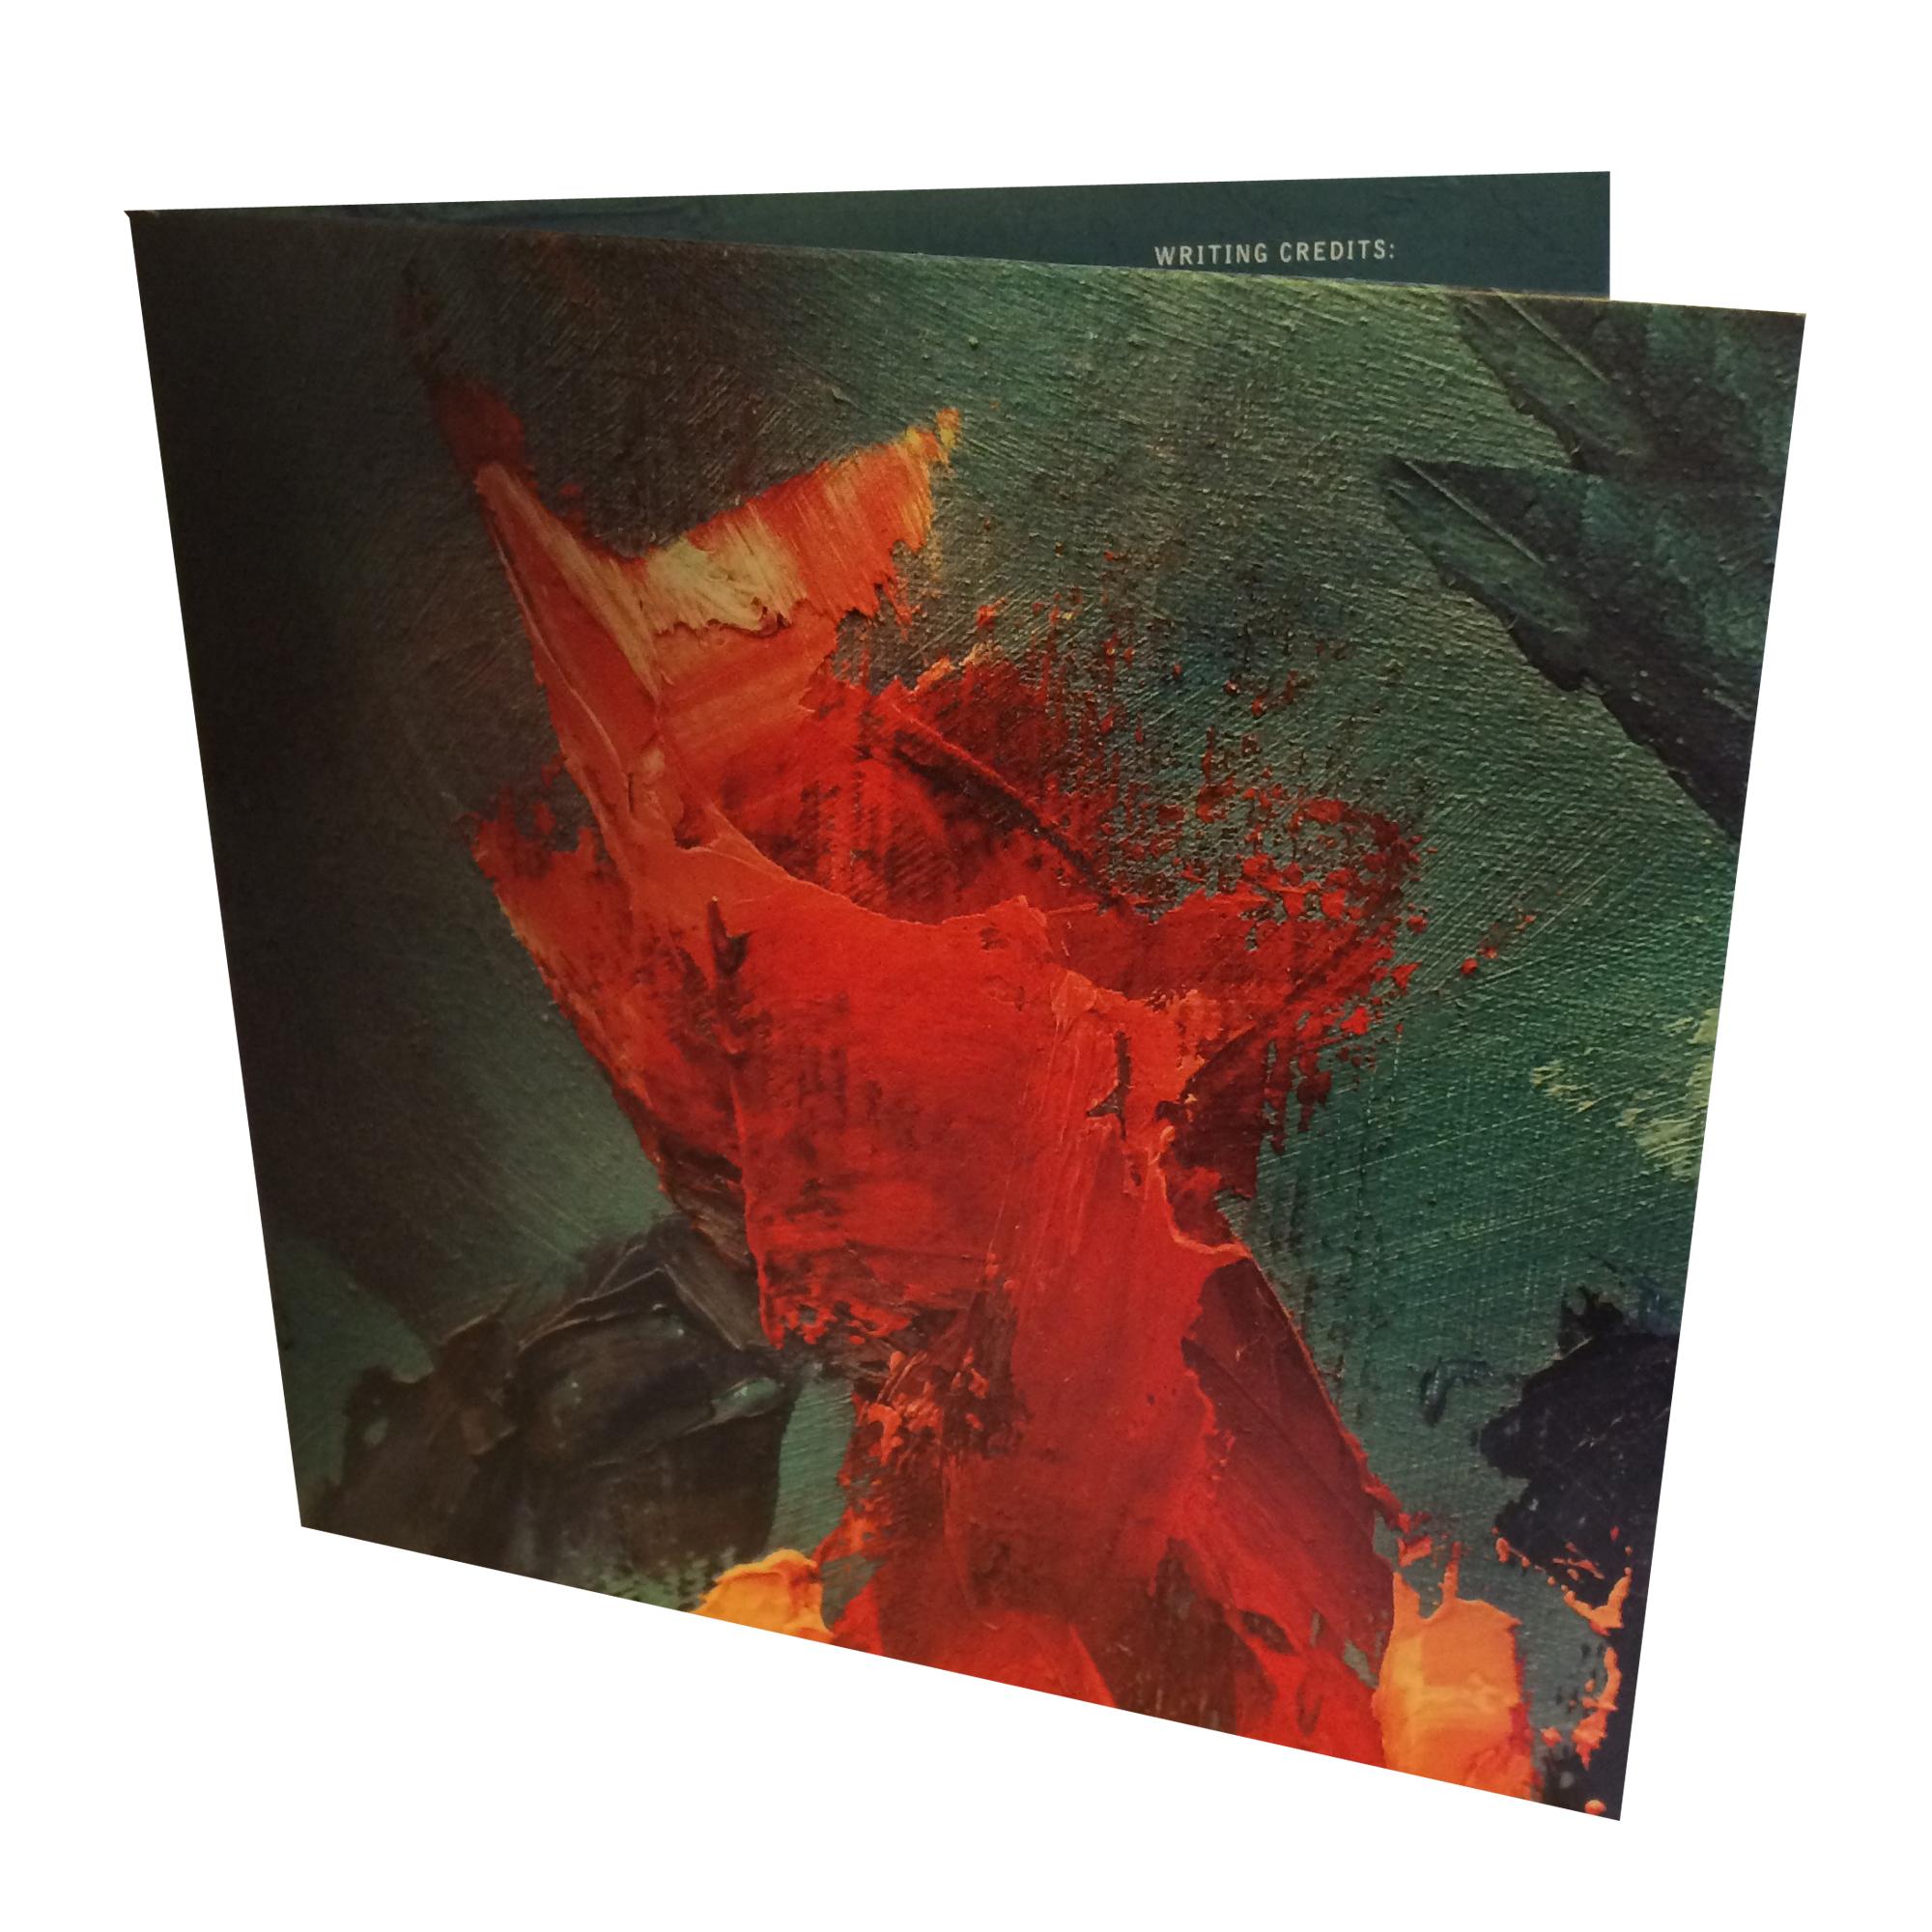 Alium - CD Album - Submotion Orchestra